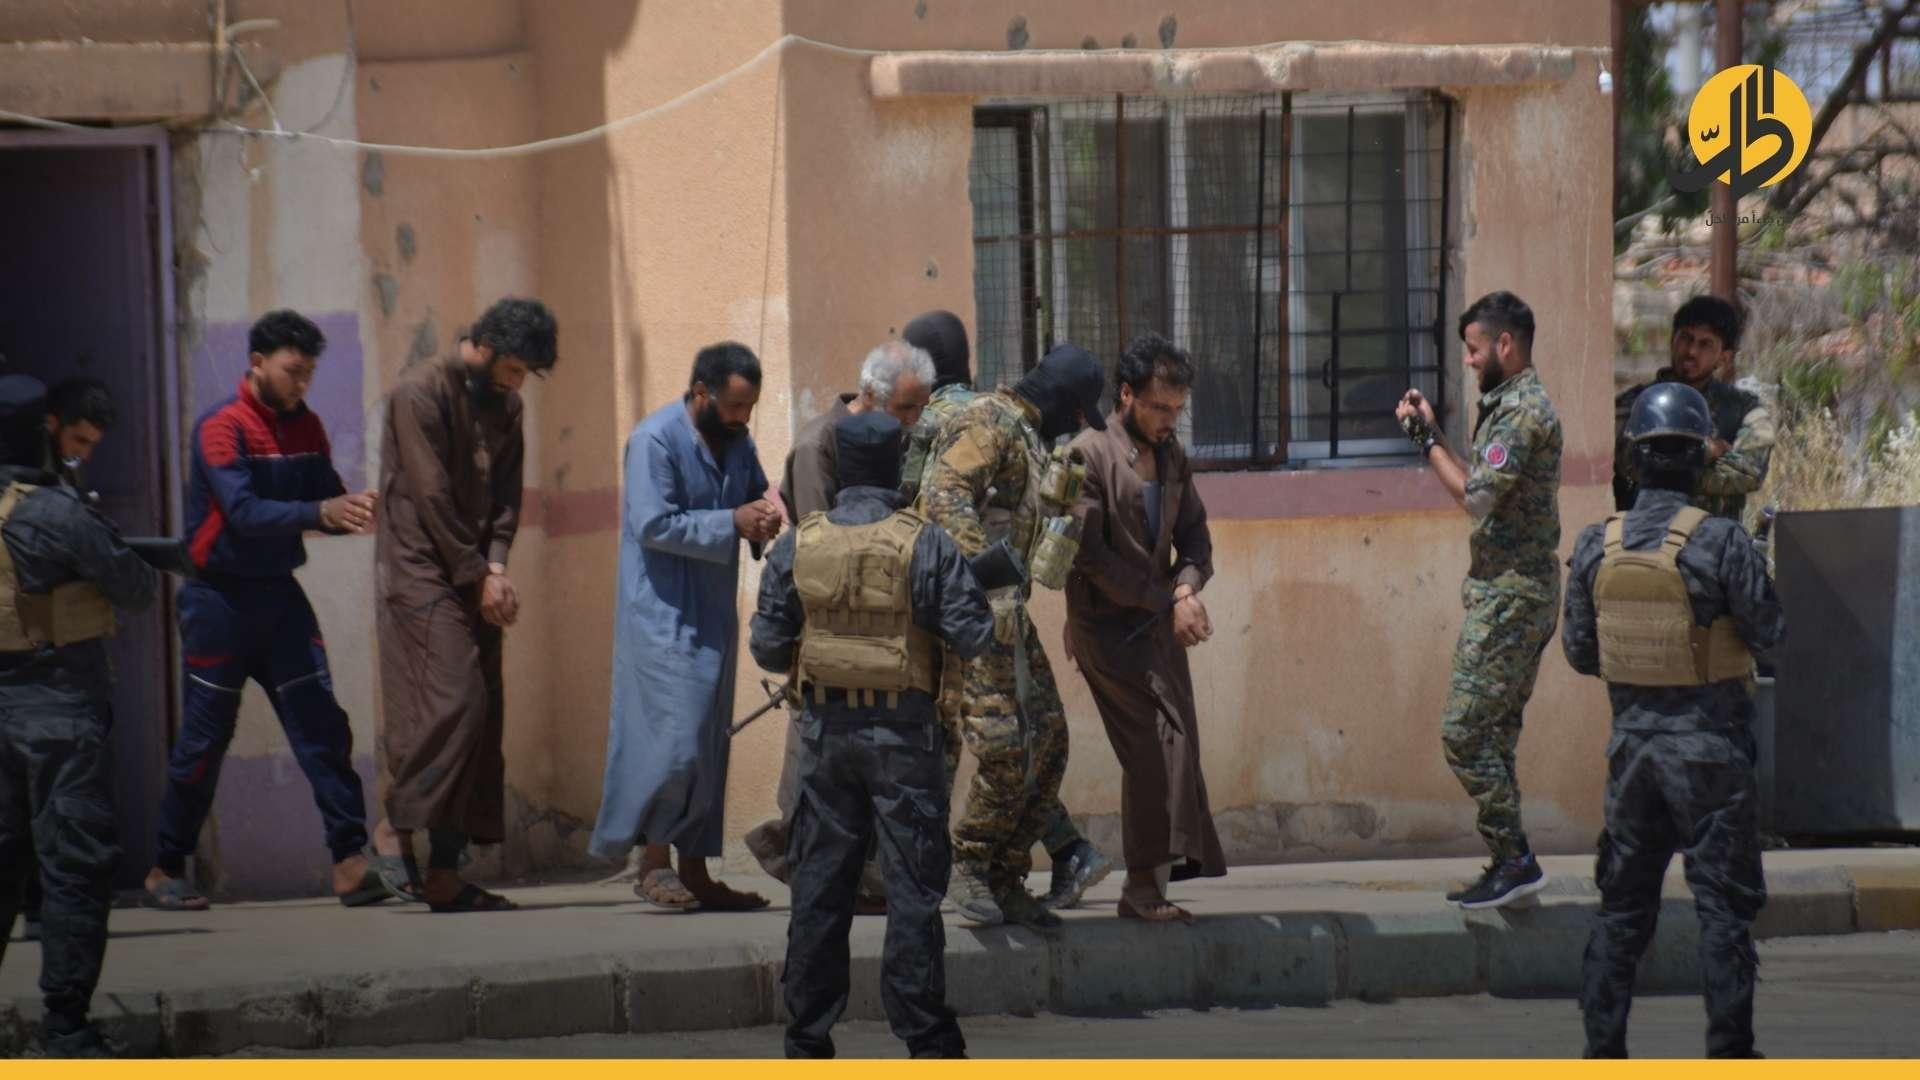 """من بينهم مسؤولون عن عمليات اغتيال.. «قسد» تعلن اعتقال نحو 24 عضواً في تنظيم """"داعش"""" بريف دير الزور"""